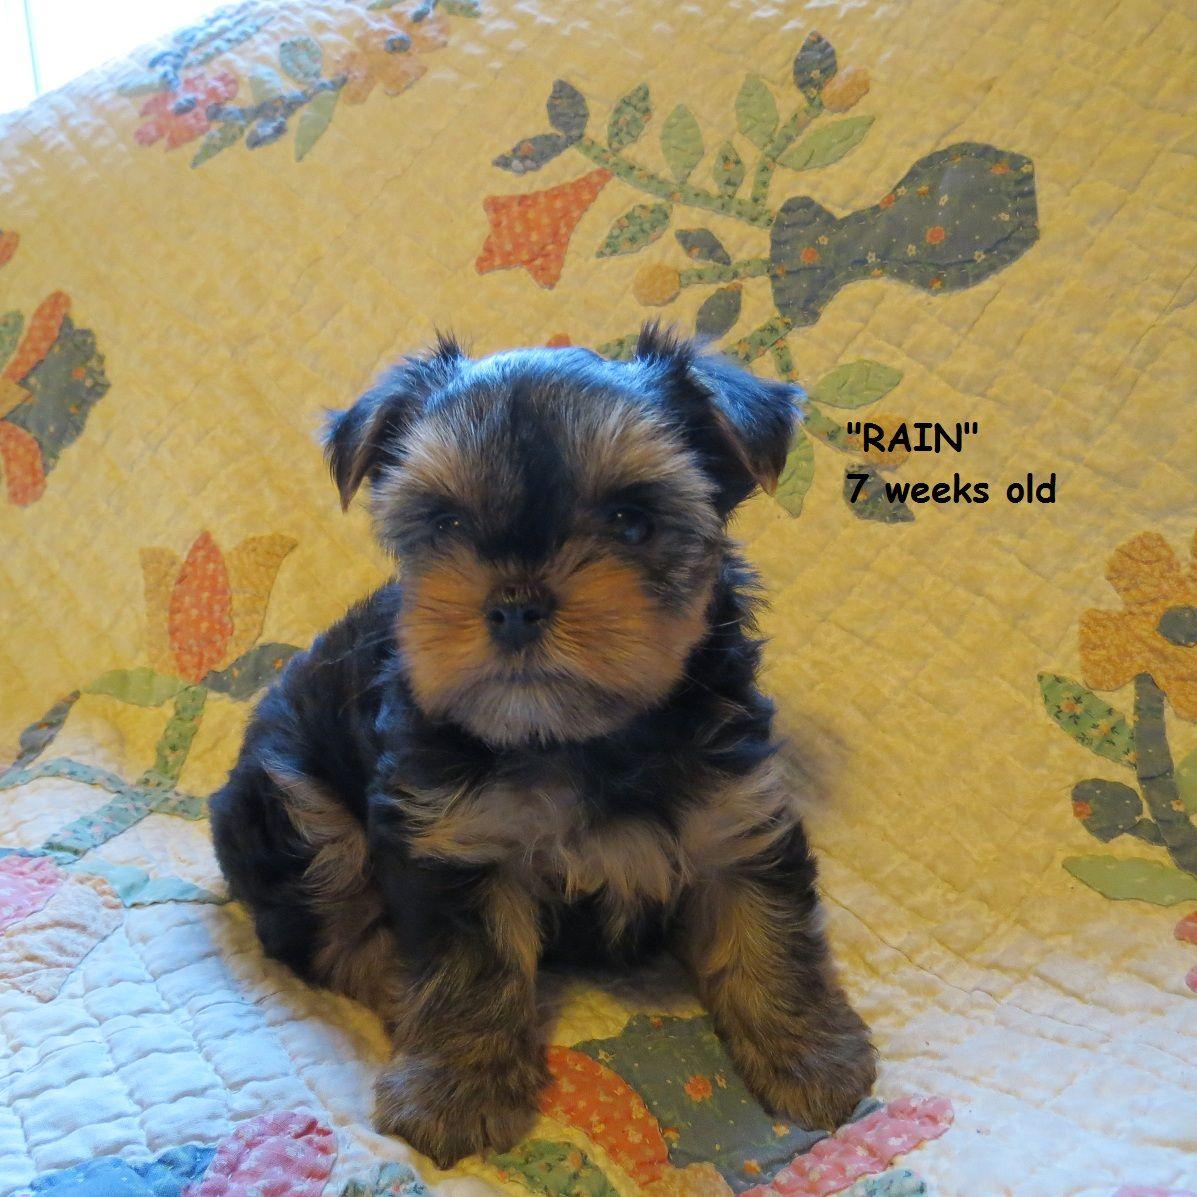 7 week old yorkie puppy ballard acres yorkies pinterest 7 week old yorkie puppy nvjuhfo Image collections